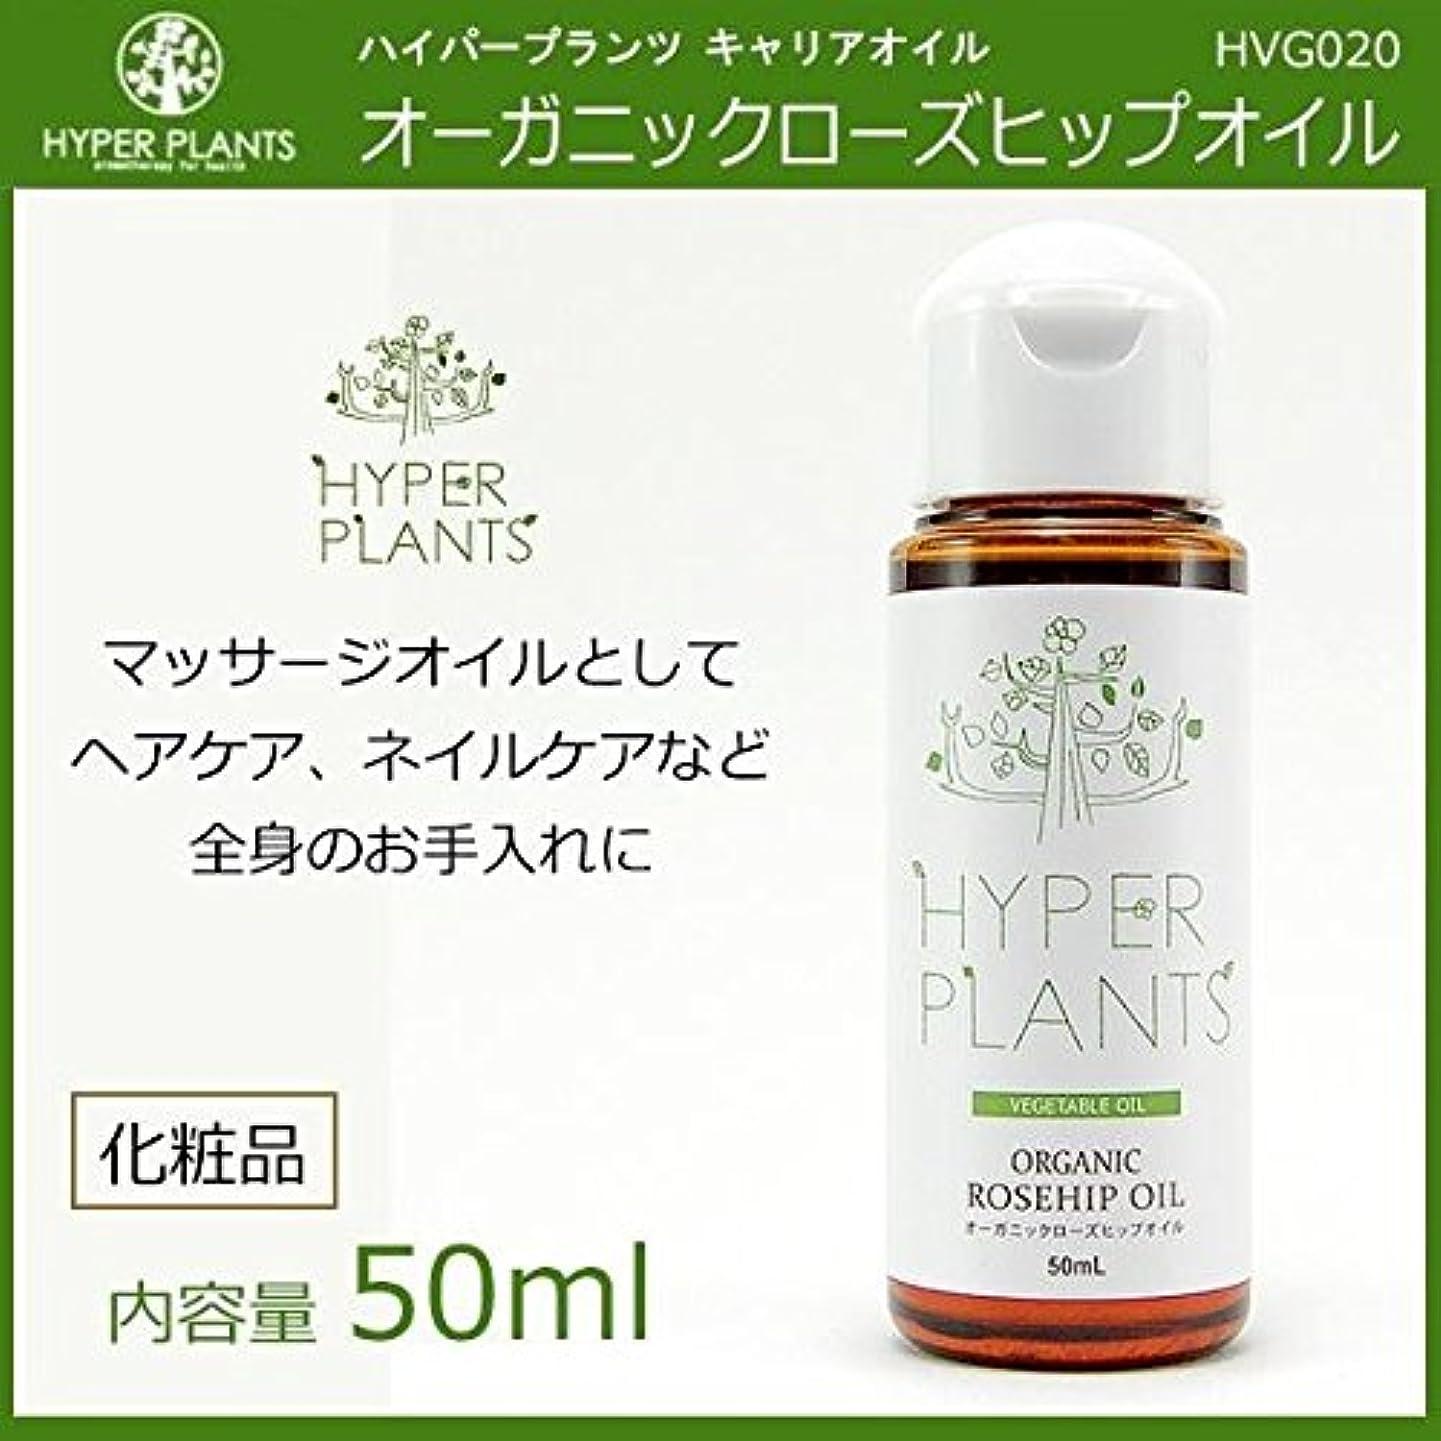 情緒的特殊学んだHYPER PLANTS ハイパープランツ キャリアオイル オーガニックローズヒップオイル 50ml HVG020